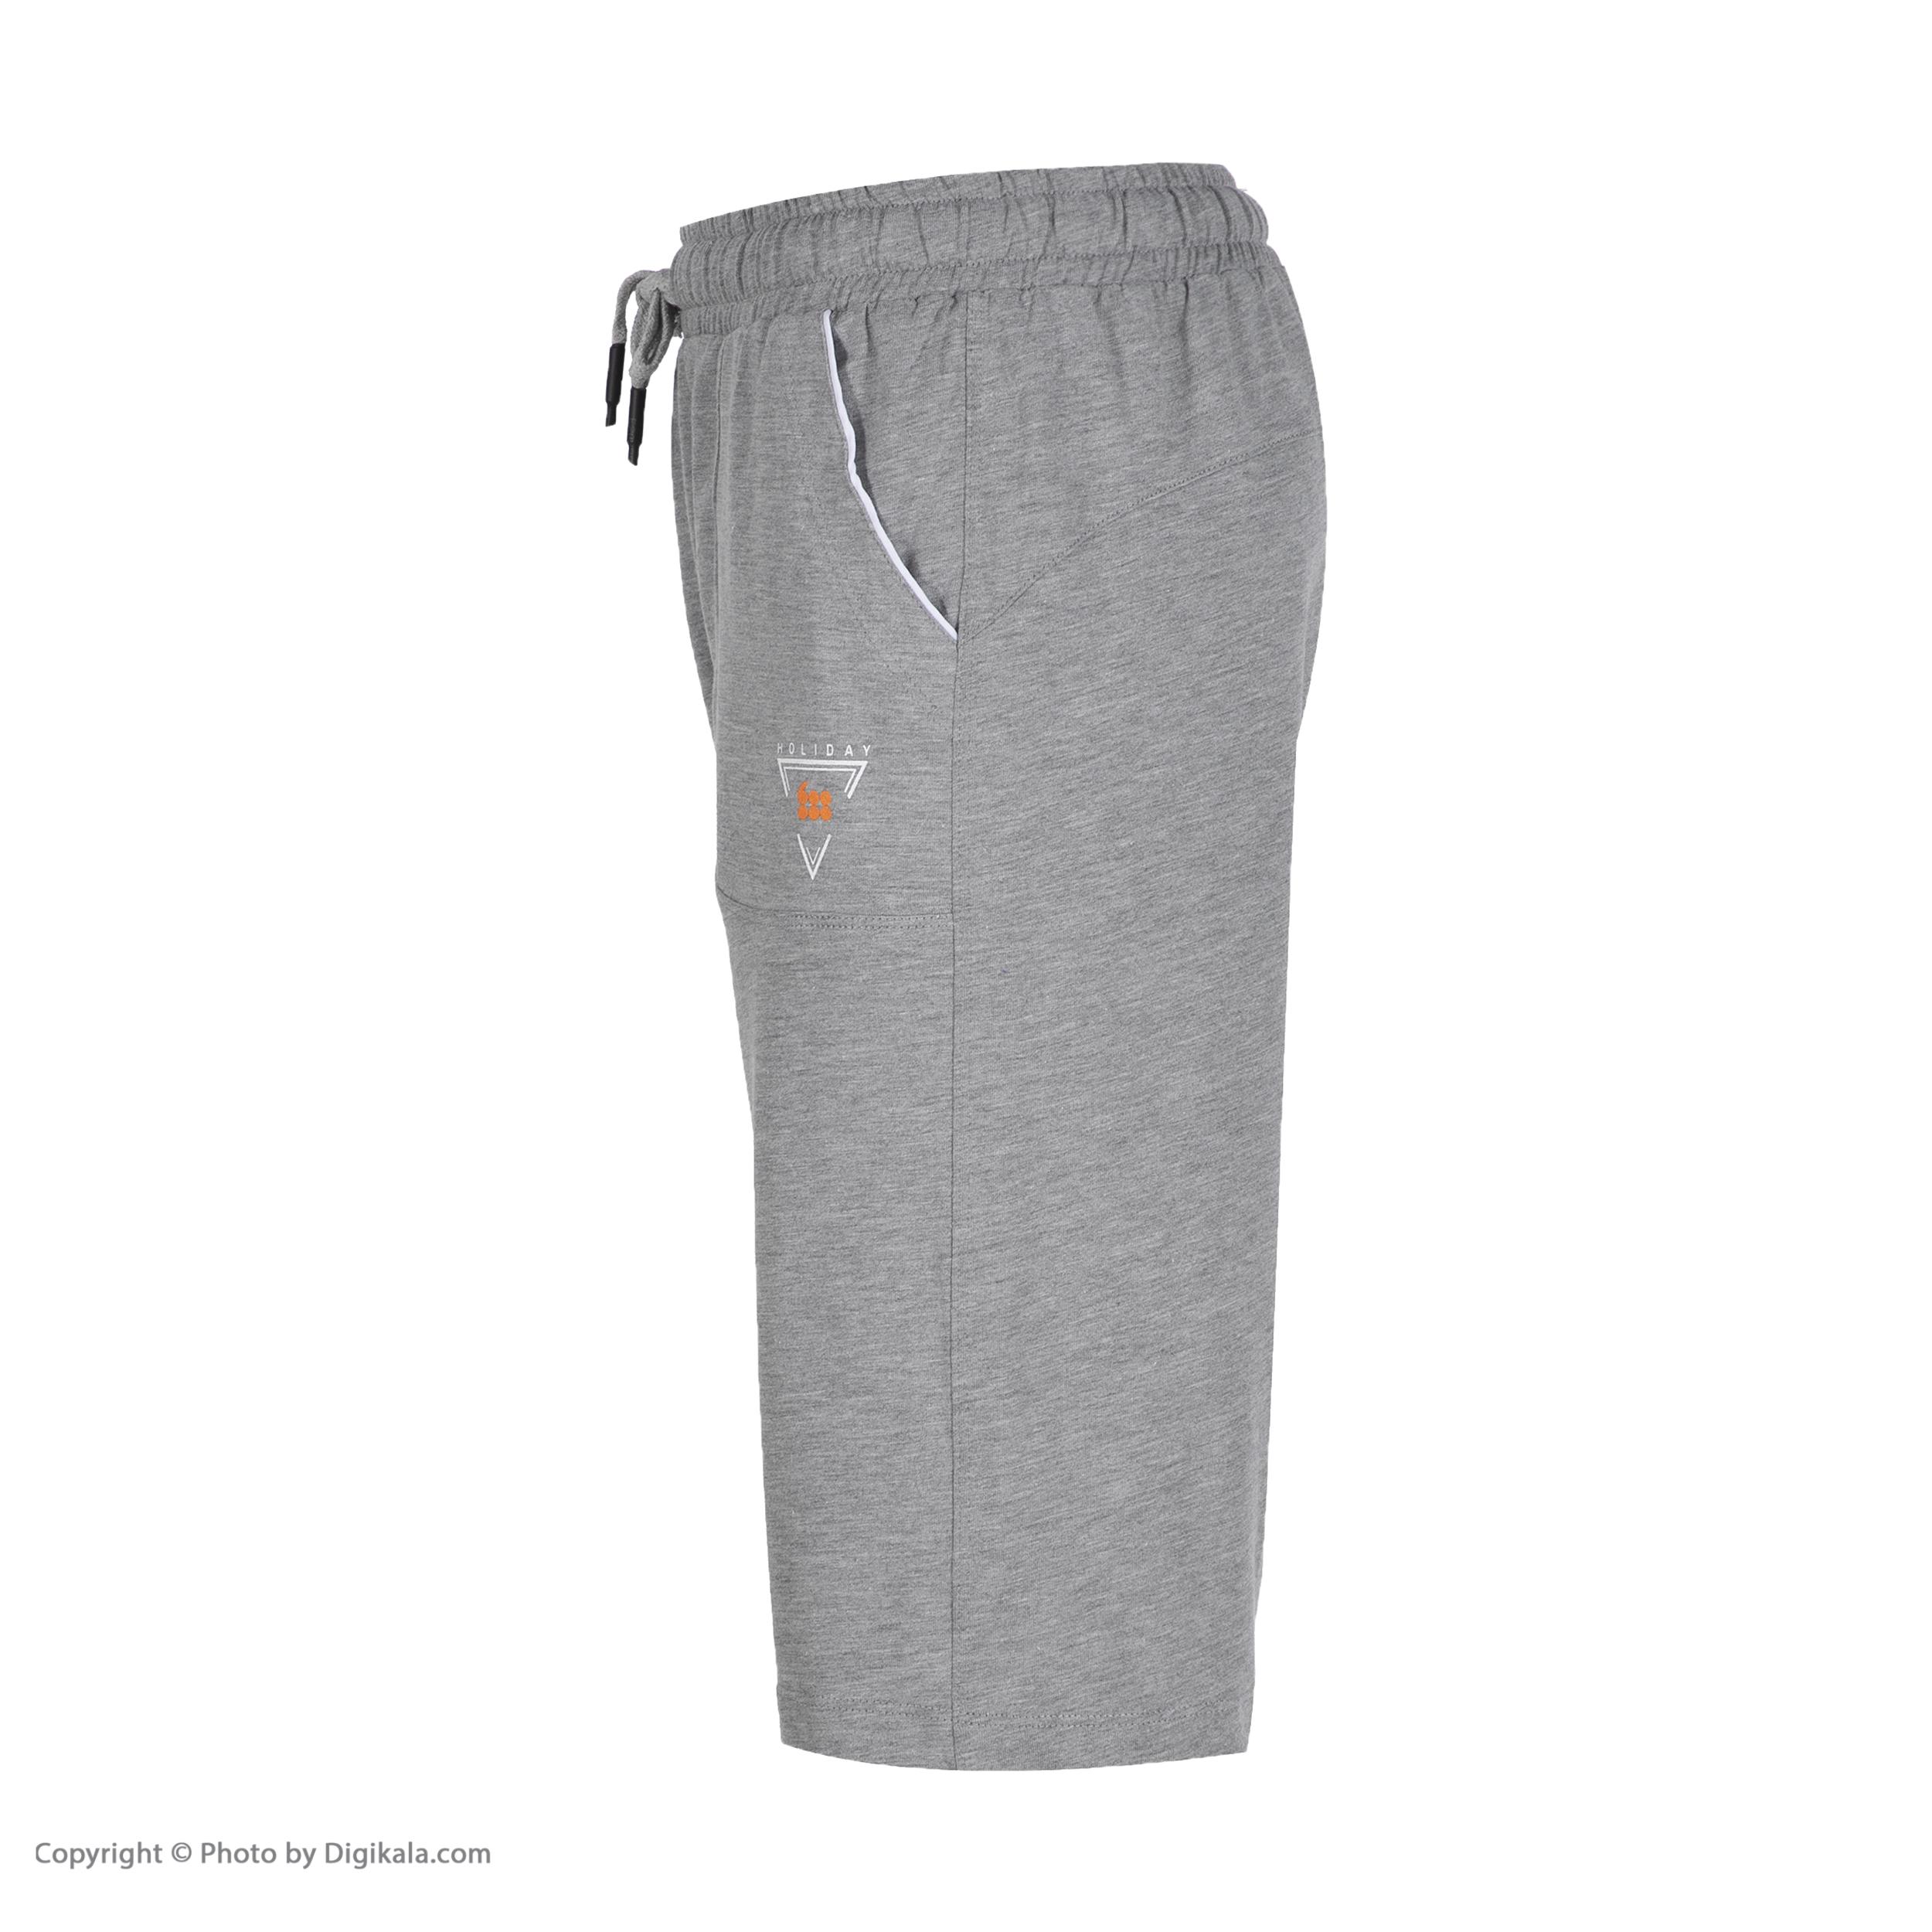 شلوارک ورزشی مردانه هالیدی مدل 806622-light gray